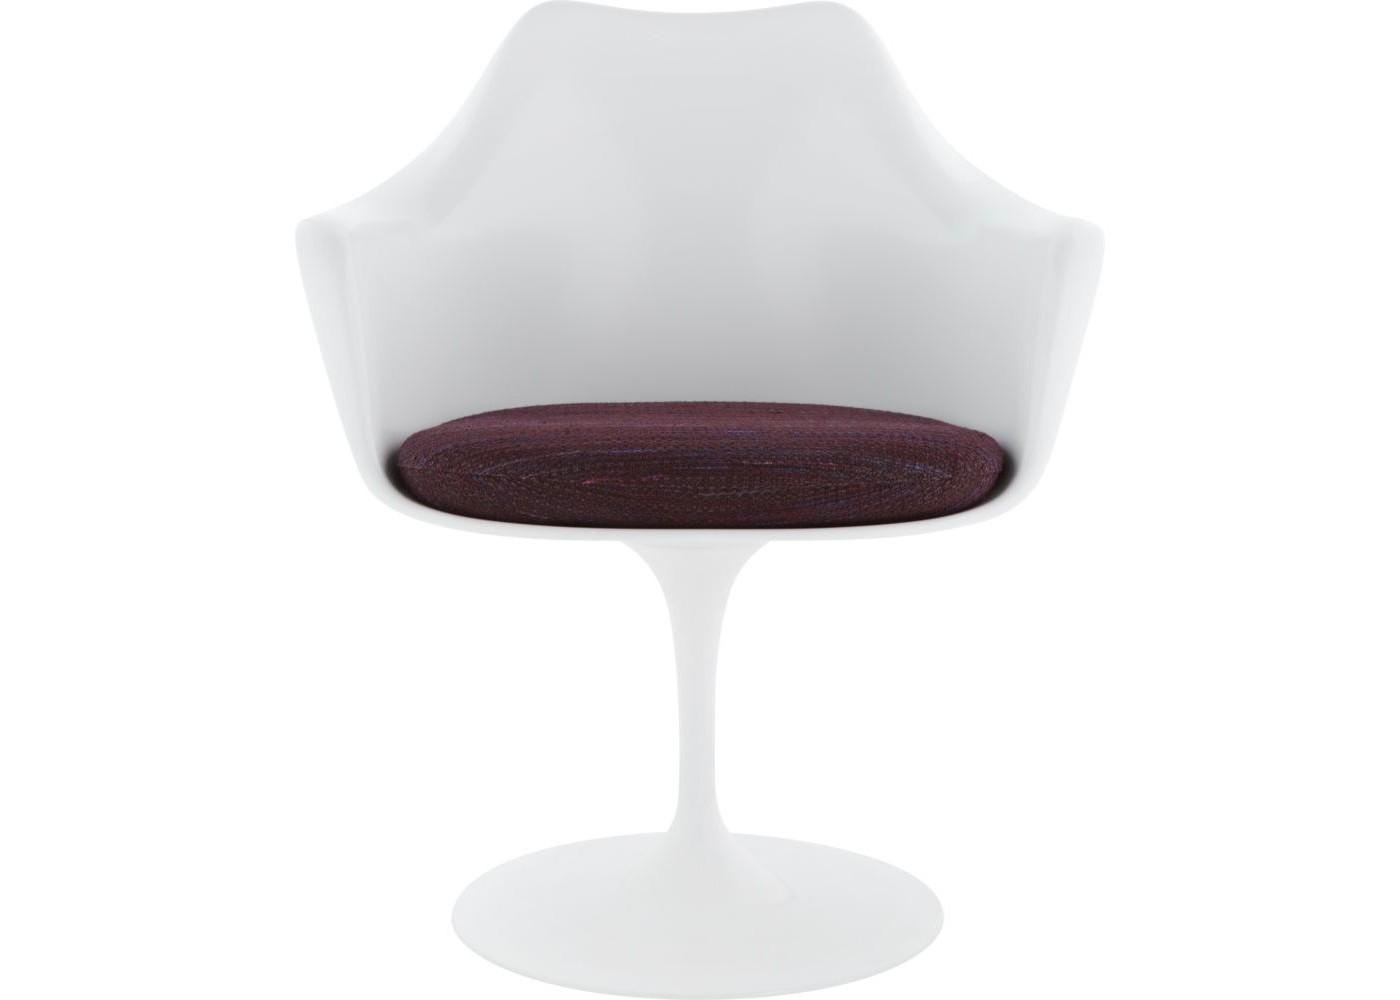 Стул с подлокотникамиОбеденные стулья<br><br><br>Material: Пластик<br>Ширина см: 68.0<br>Высота см: 81.0<br>Глубина см: 59.0